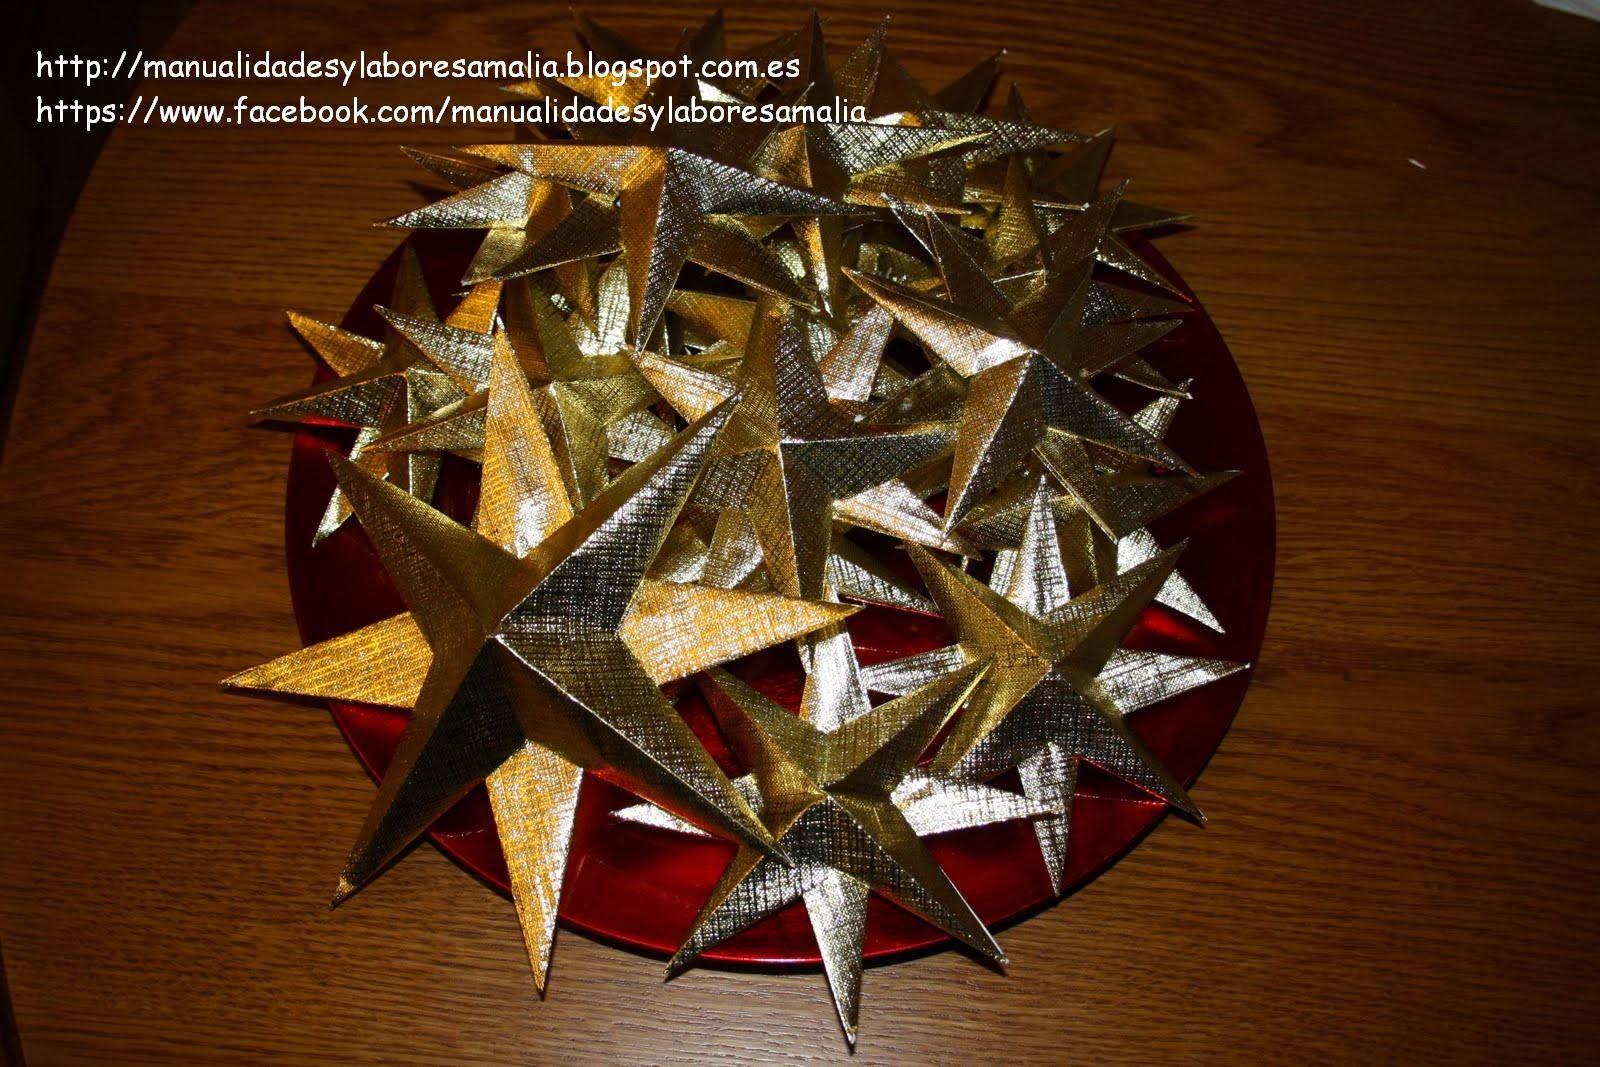 Manualidades y labores amalia estrellas de navidad de - Manualidades de estrellas de navidad ...